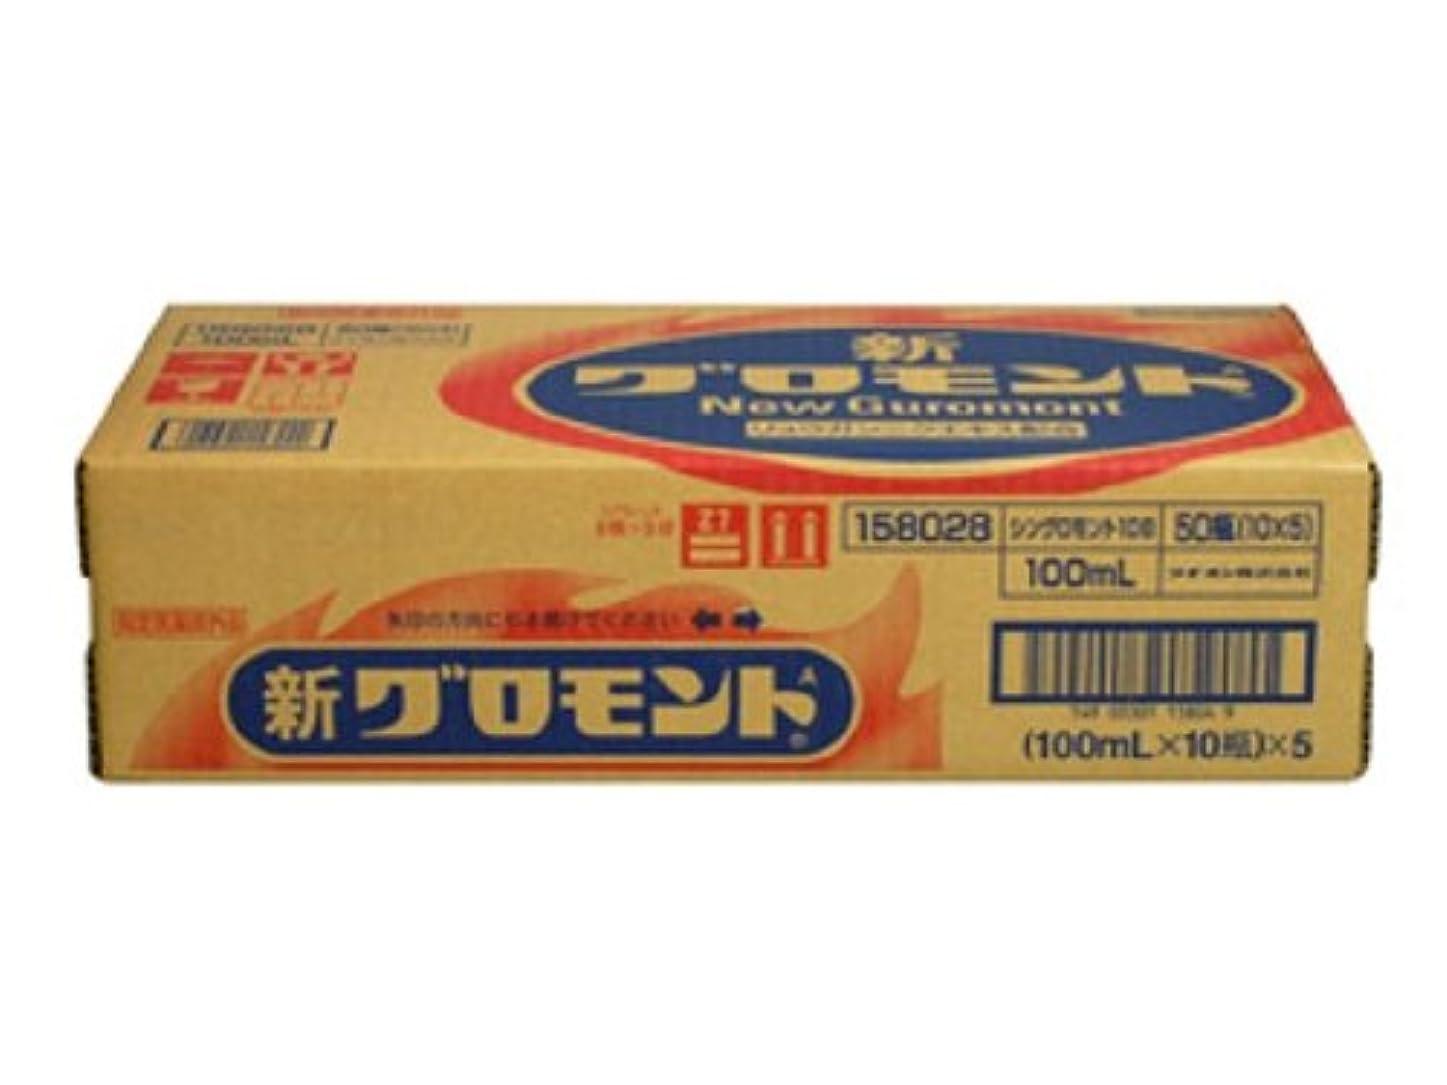 お別れ保守的クーポン新グロモントA 100ml×10本×5個パック (指定医薬部外品)